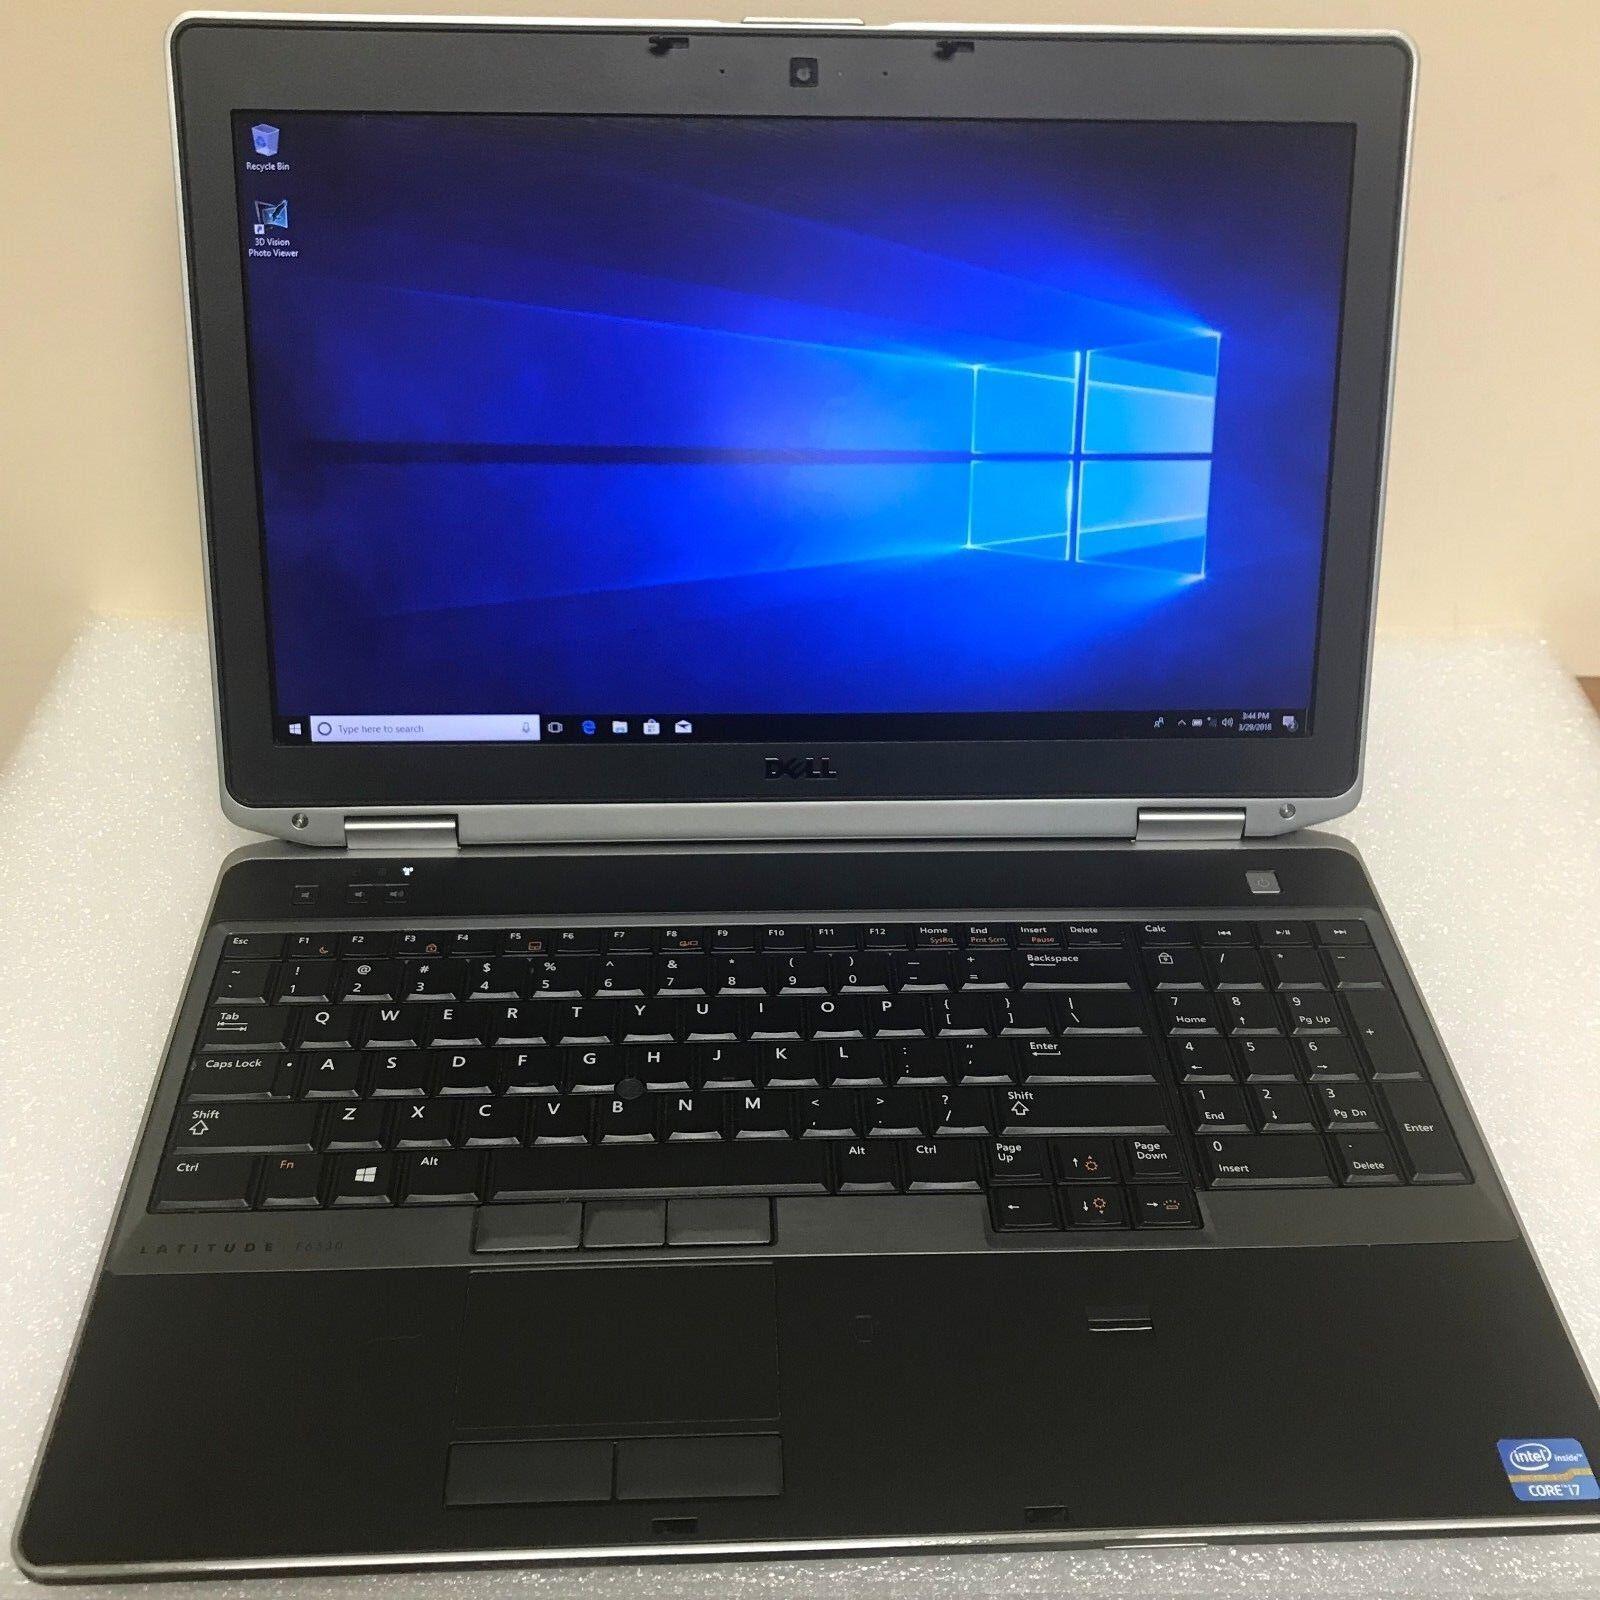 DELL LATITUDE E6530 15.6  i7-3520M 8GB 500GB  WIN10 1600x900